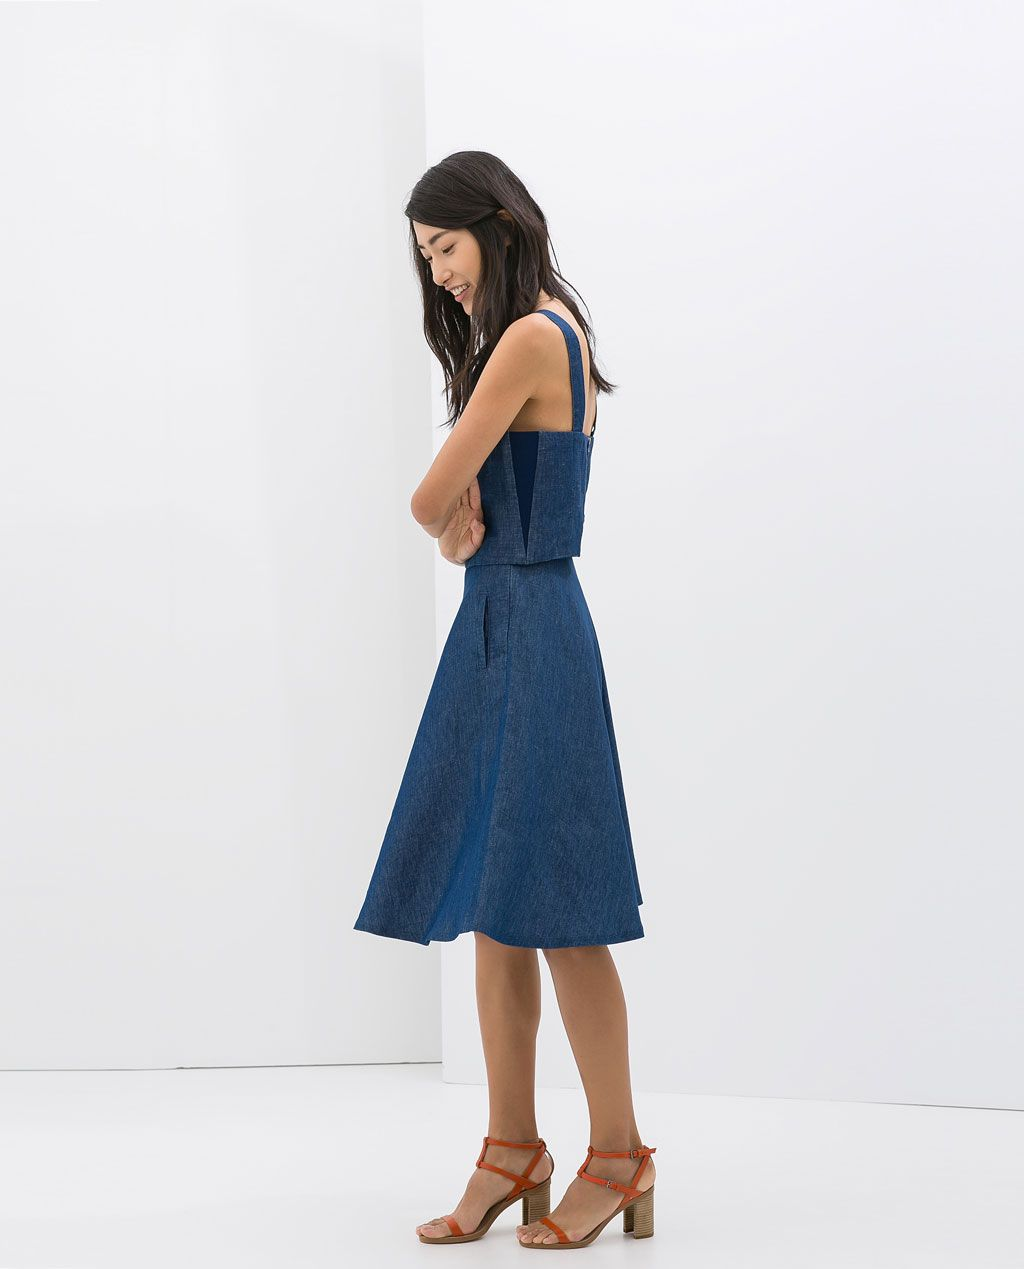 429081d0a Falda Denim Midi Zara   Wig Elegance